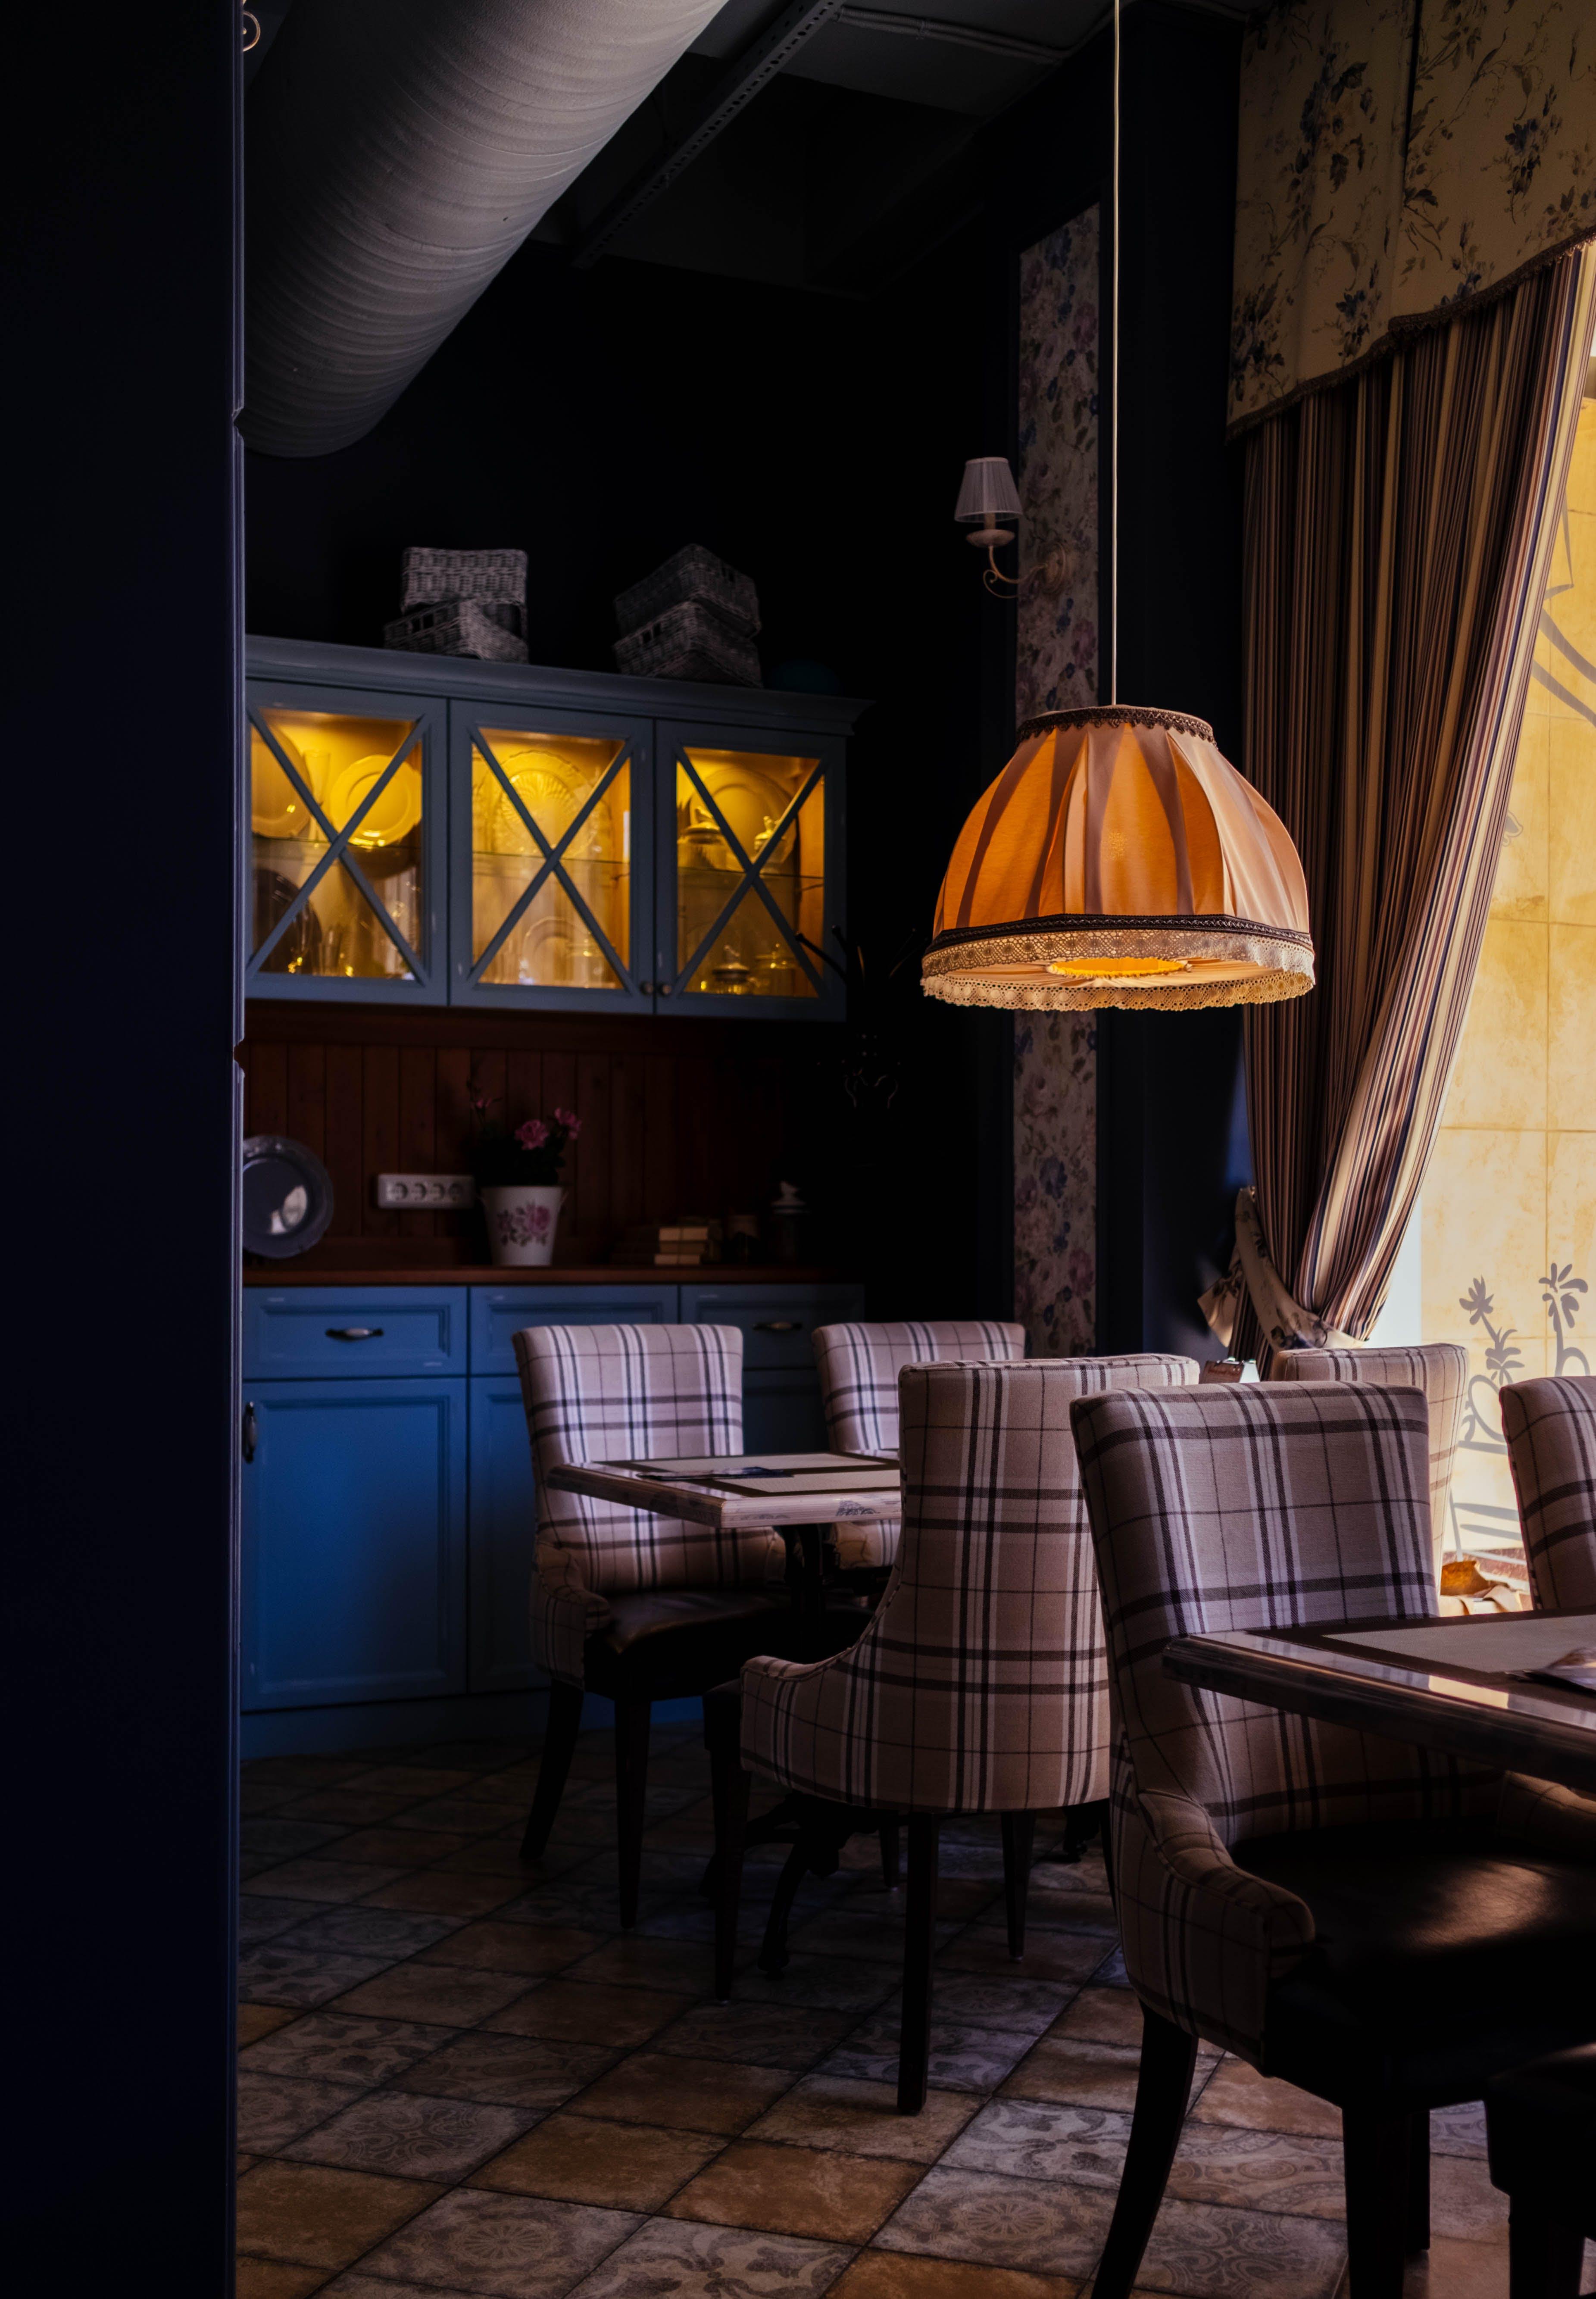 Photo of Room With Orange Pendant Lamp